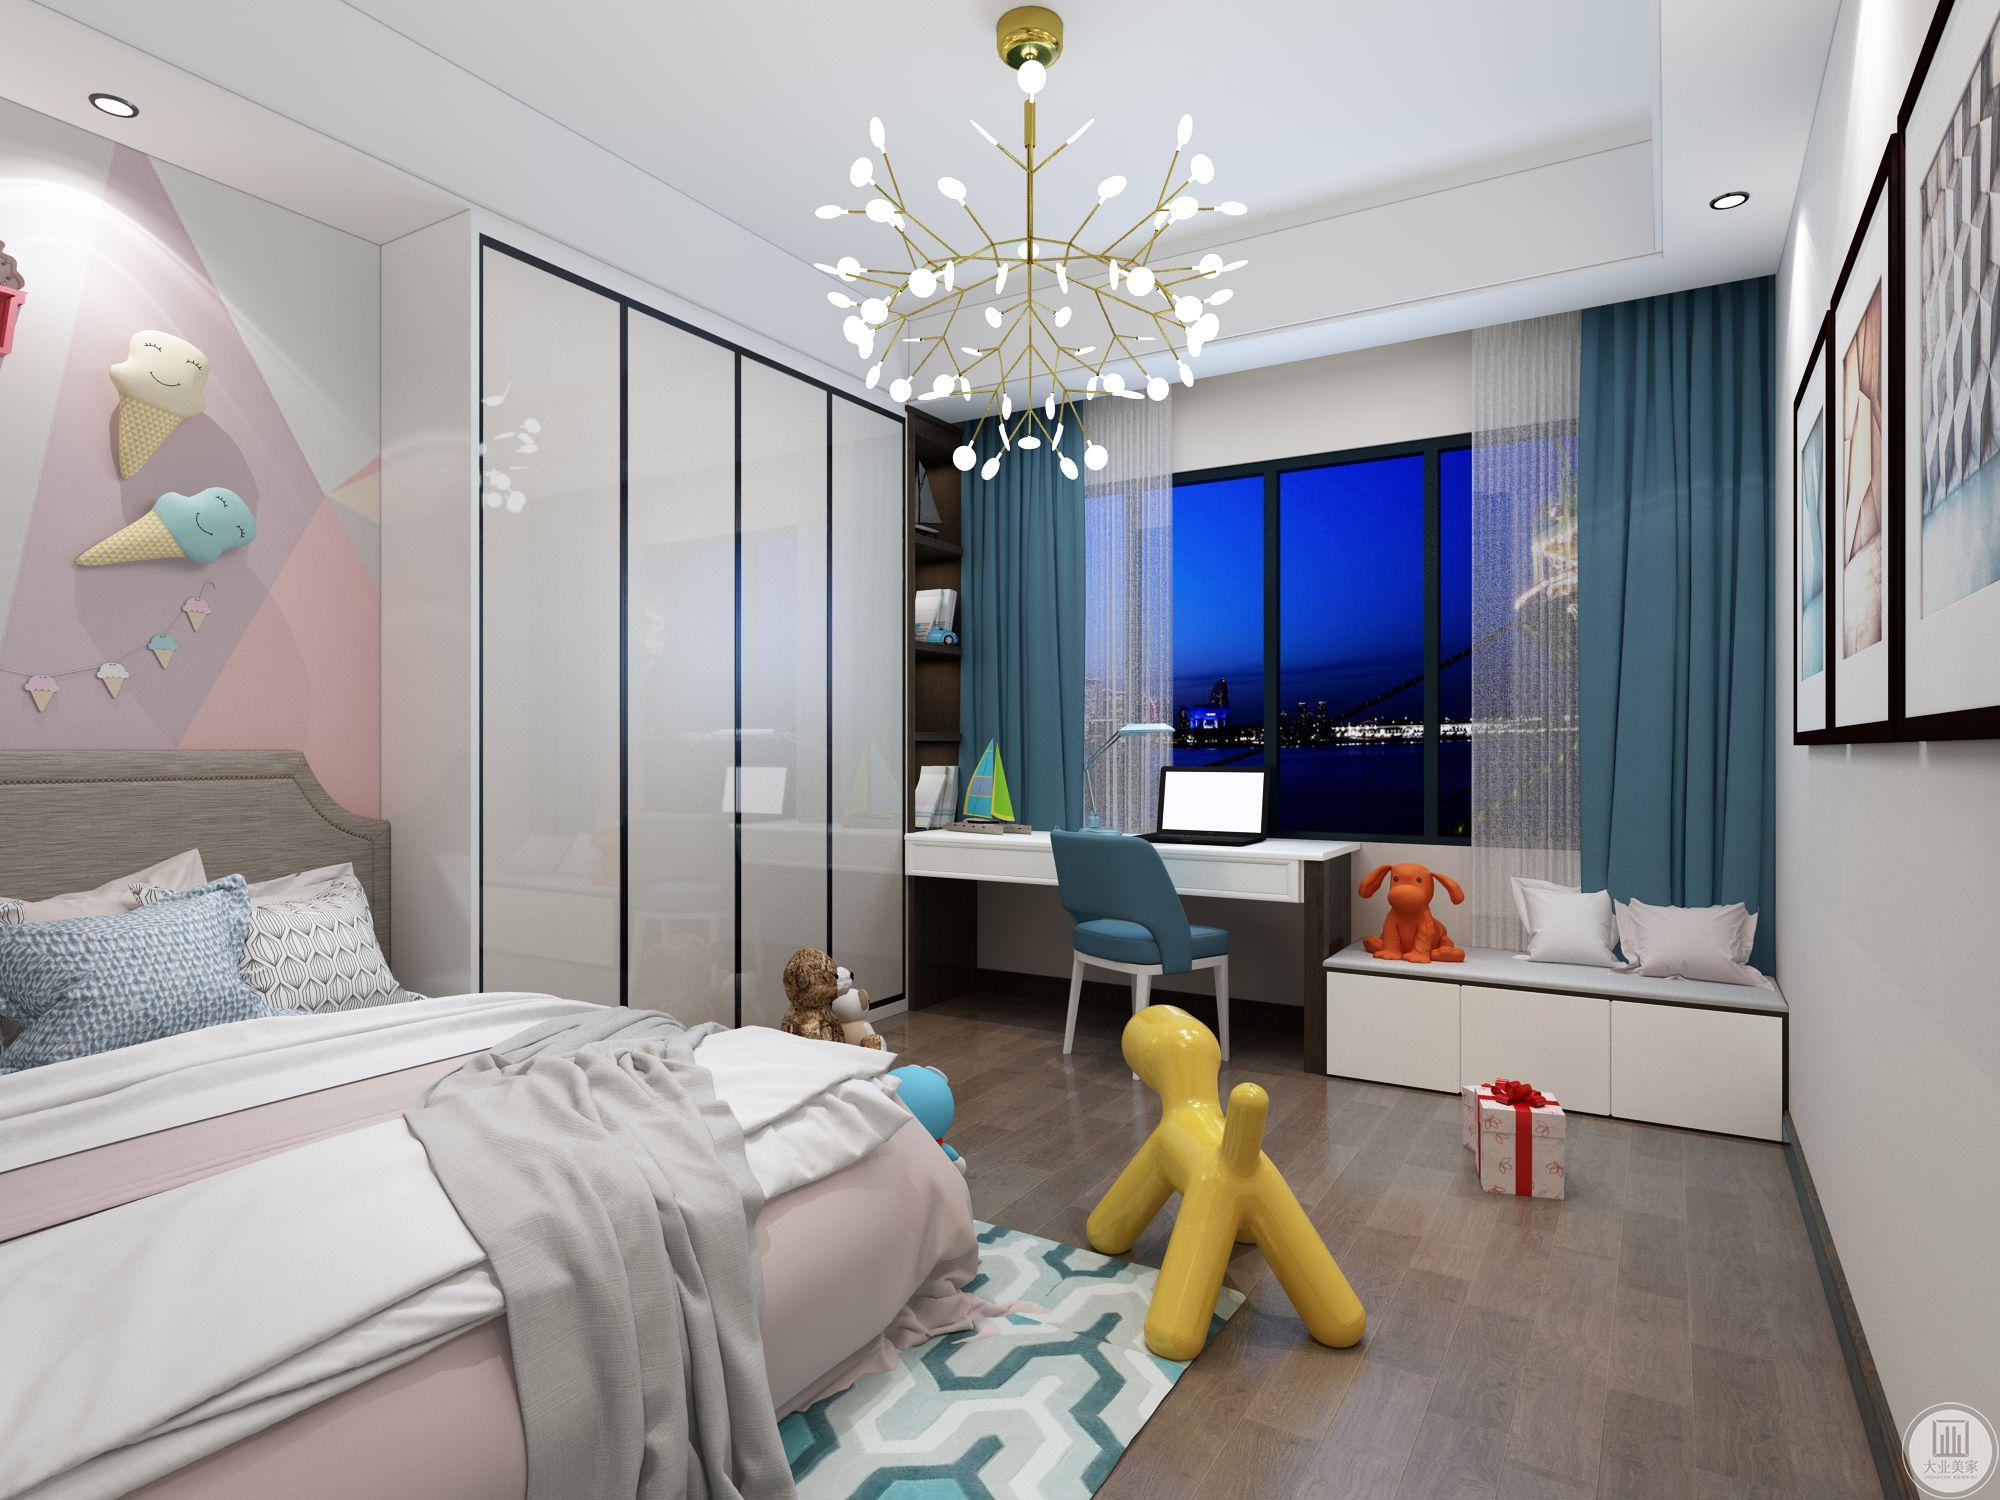 将北面房间与主卧连接成为套间有较大的衣帽间。同时也可分离。